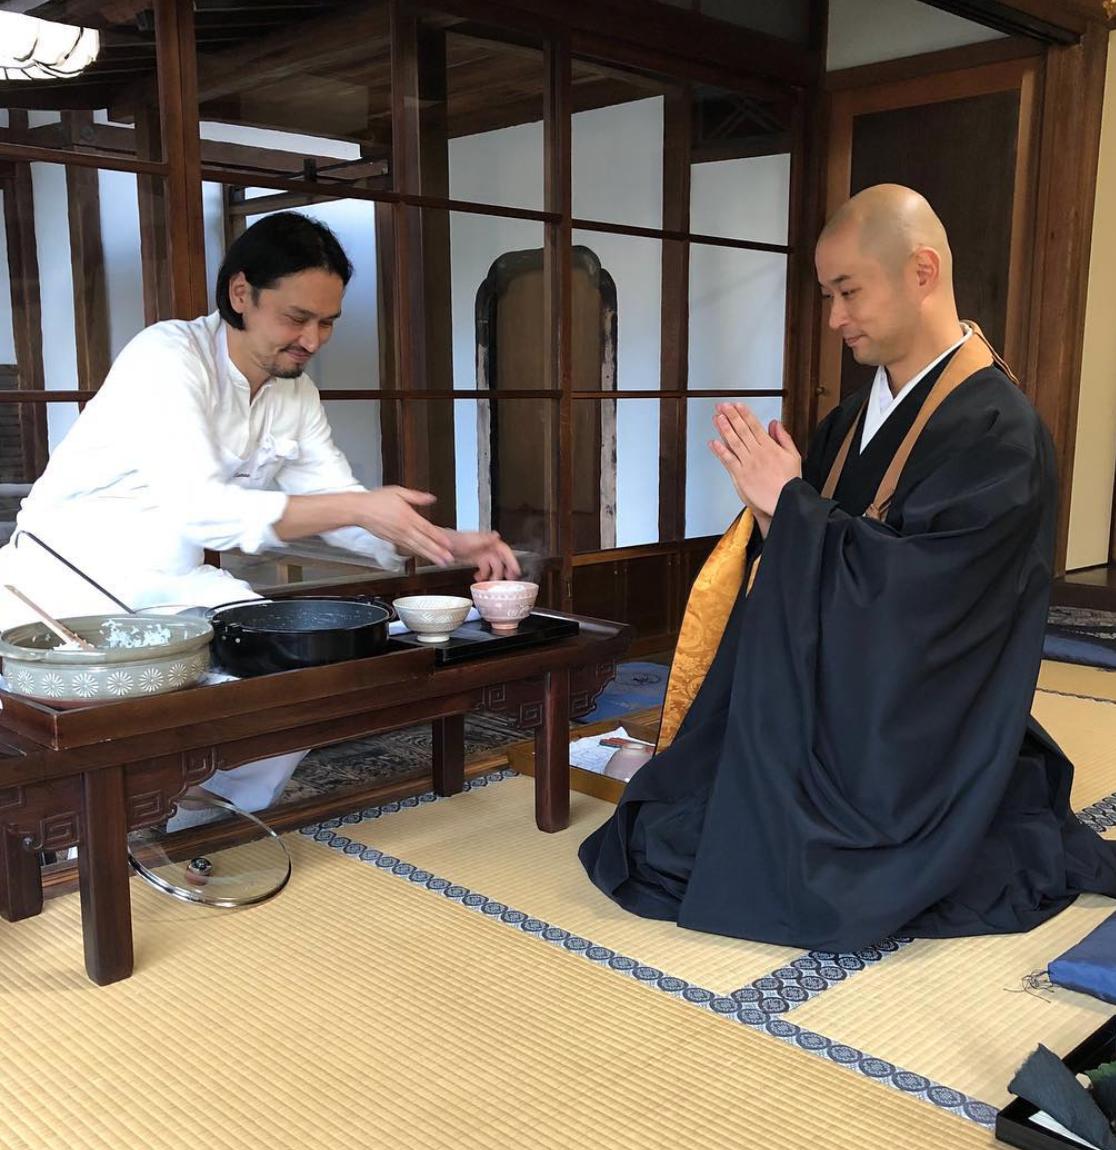 禅寺食堂「座る、食べる、歩く」